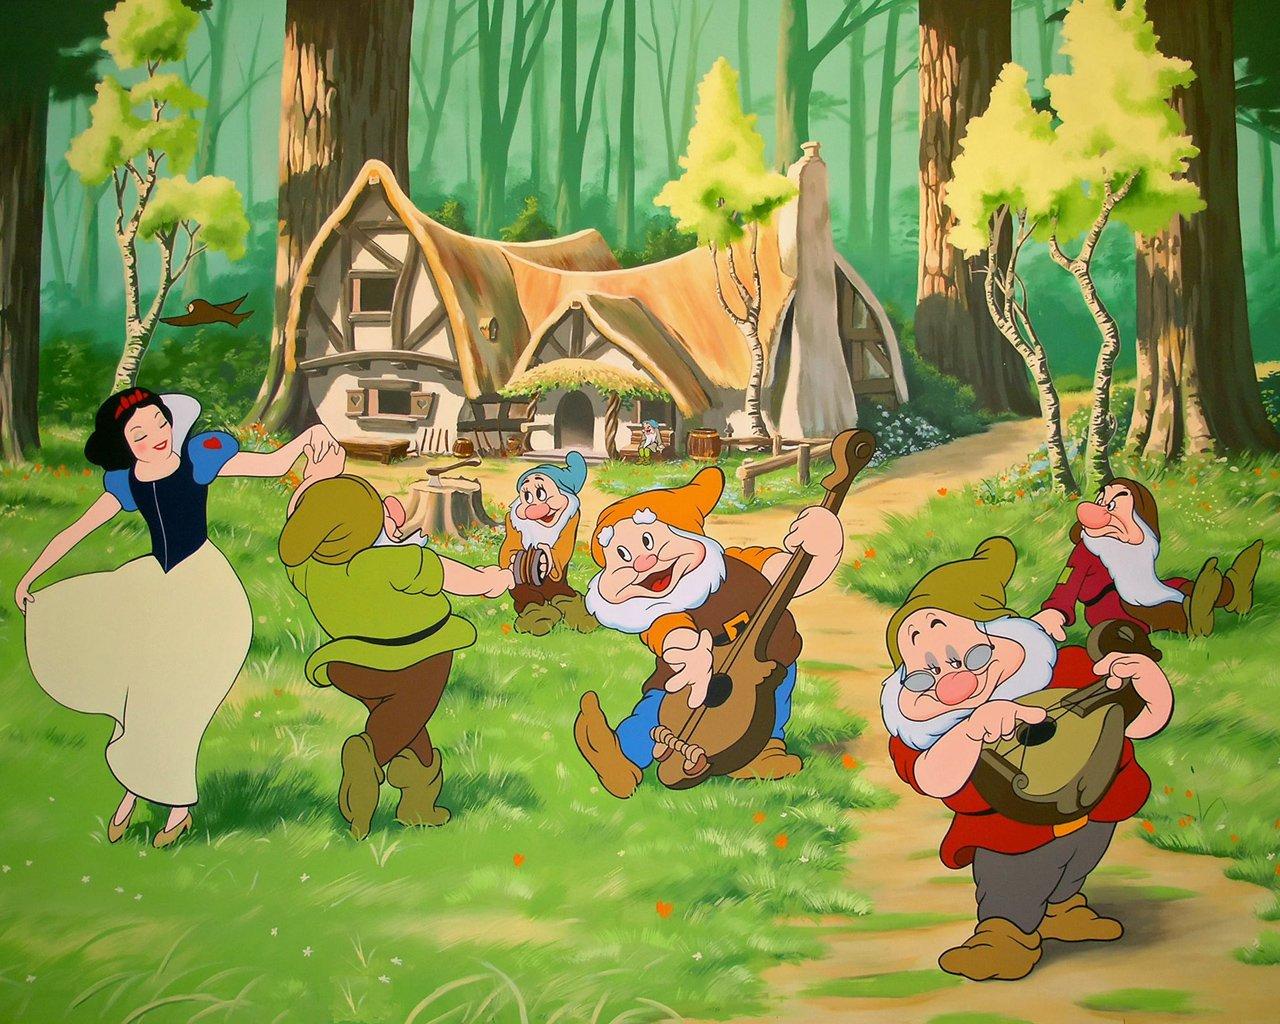 Blancanieves cuentos infantiles cl sicos historias para - Casa de blancanieves y los 7 enanitos simba ...